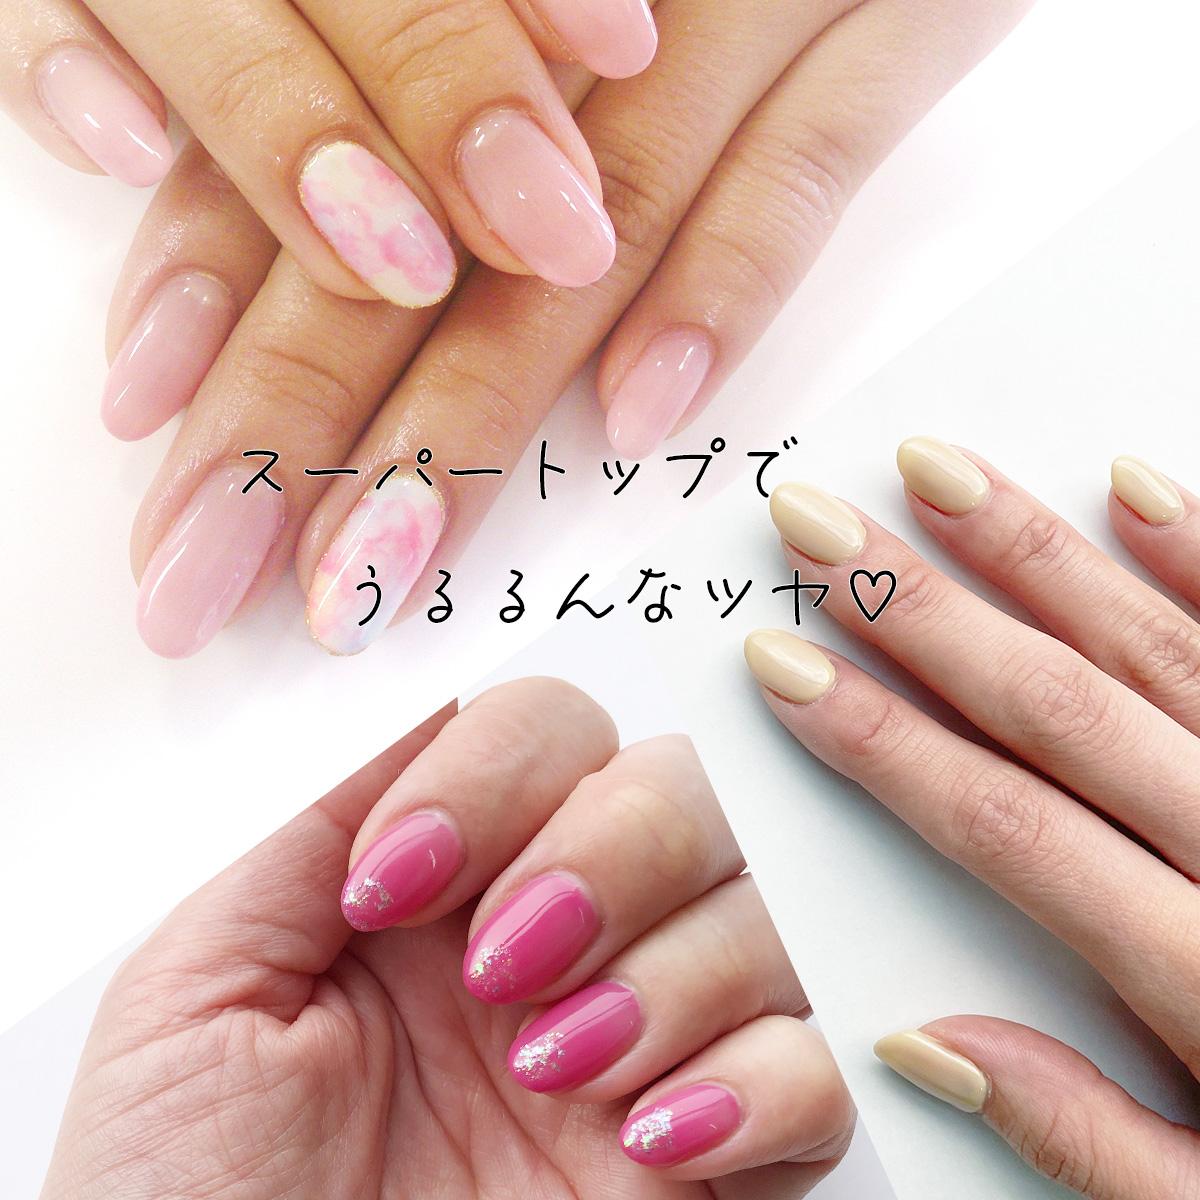 【ランプなしSBセット】SHINYGEL: SBスターターキット(ランプなし)【スーパーベース5g+スーパートップ5g】 爪を傷めない弱酸性 リピーターセット ジェルネイルキット ジェルネイルセット スターターセット (シャイニージェル) [UV/LED対応○] $